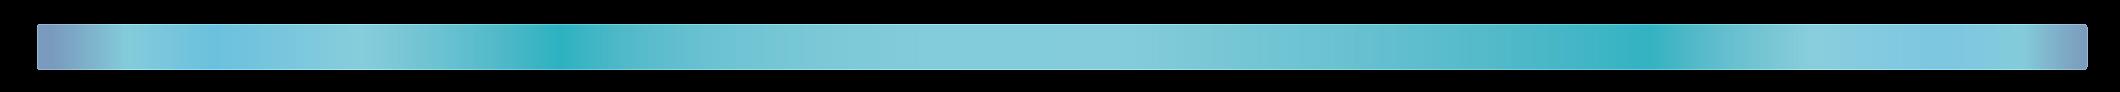 HPV $4800 website version 2020-03-20-04.